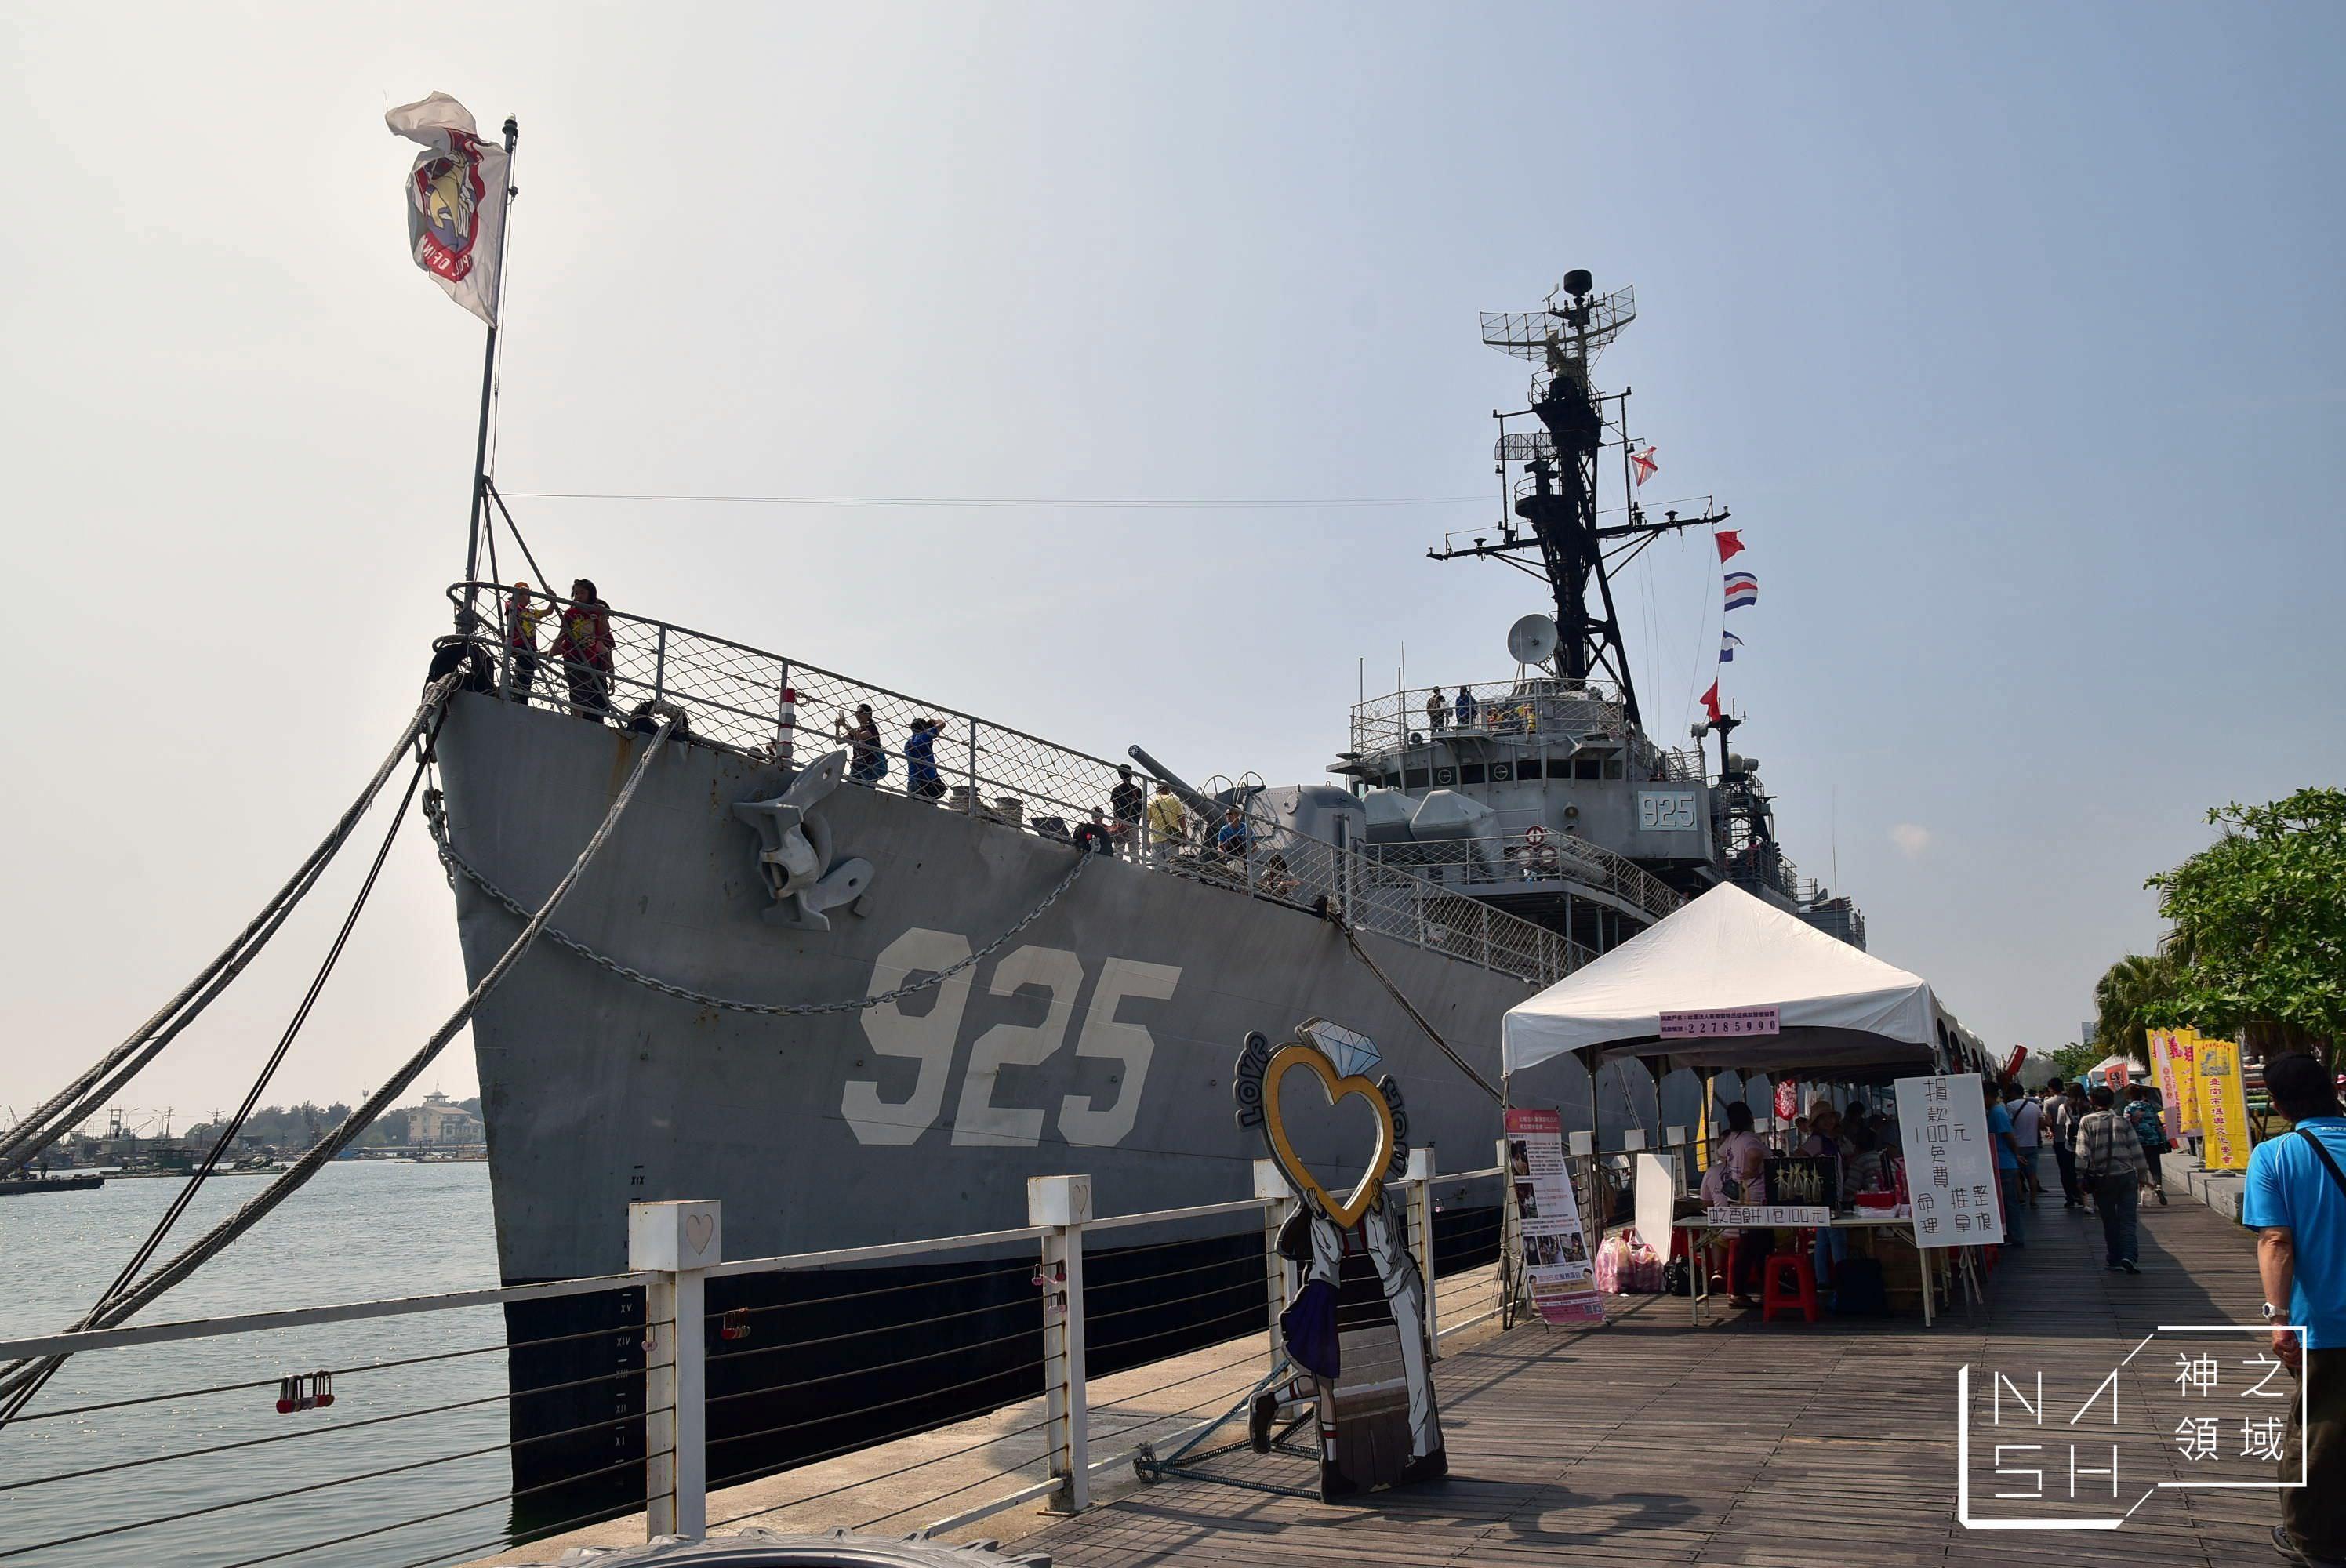 德陽艦,台南景點推薦,軍艦博物館,台南軍艦博物館 @Nash,神之領域